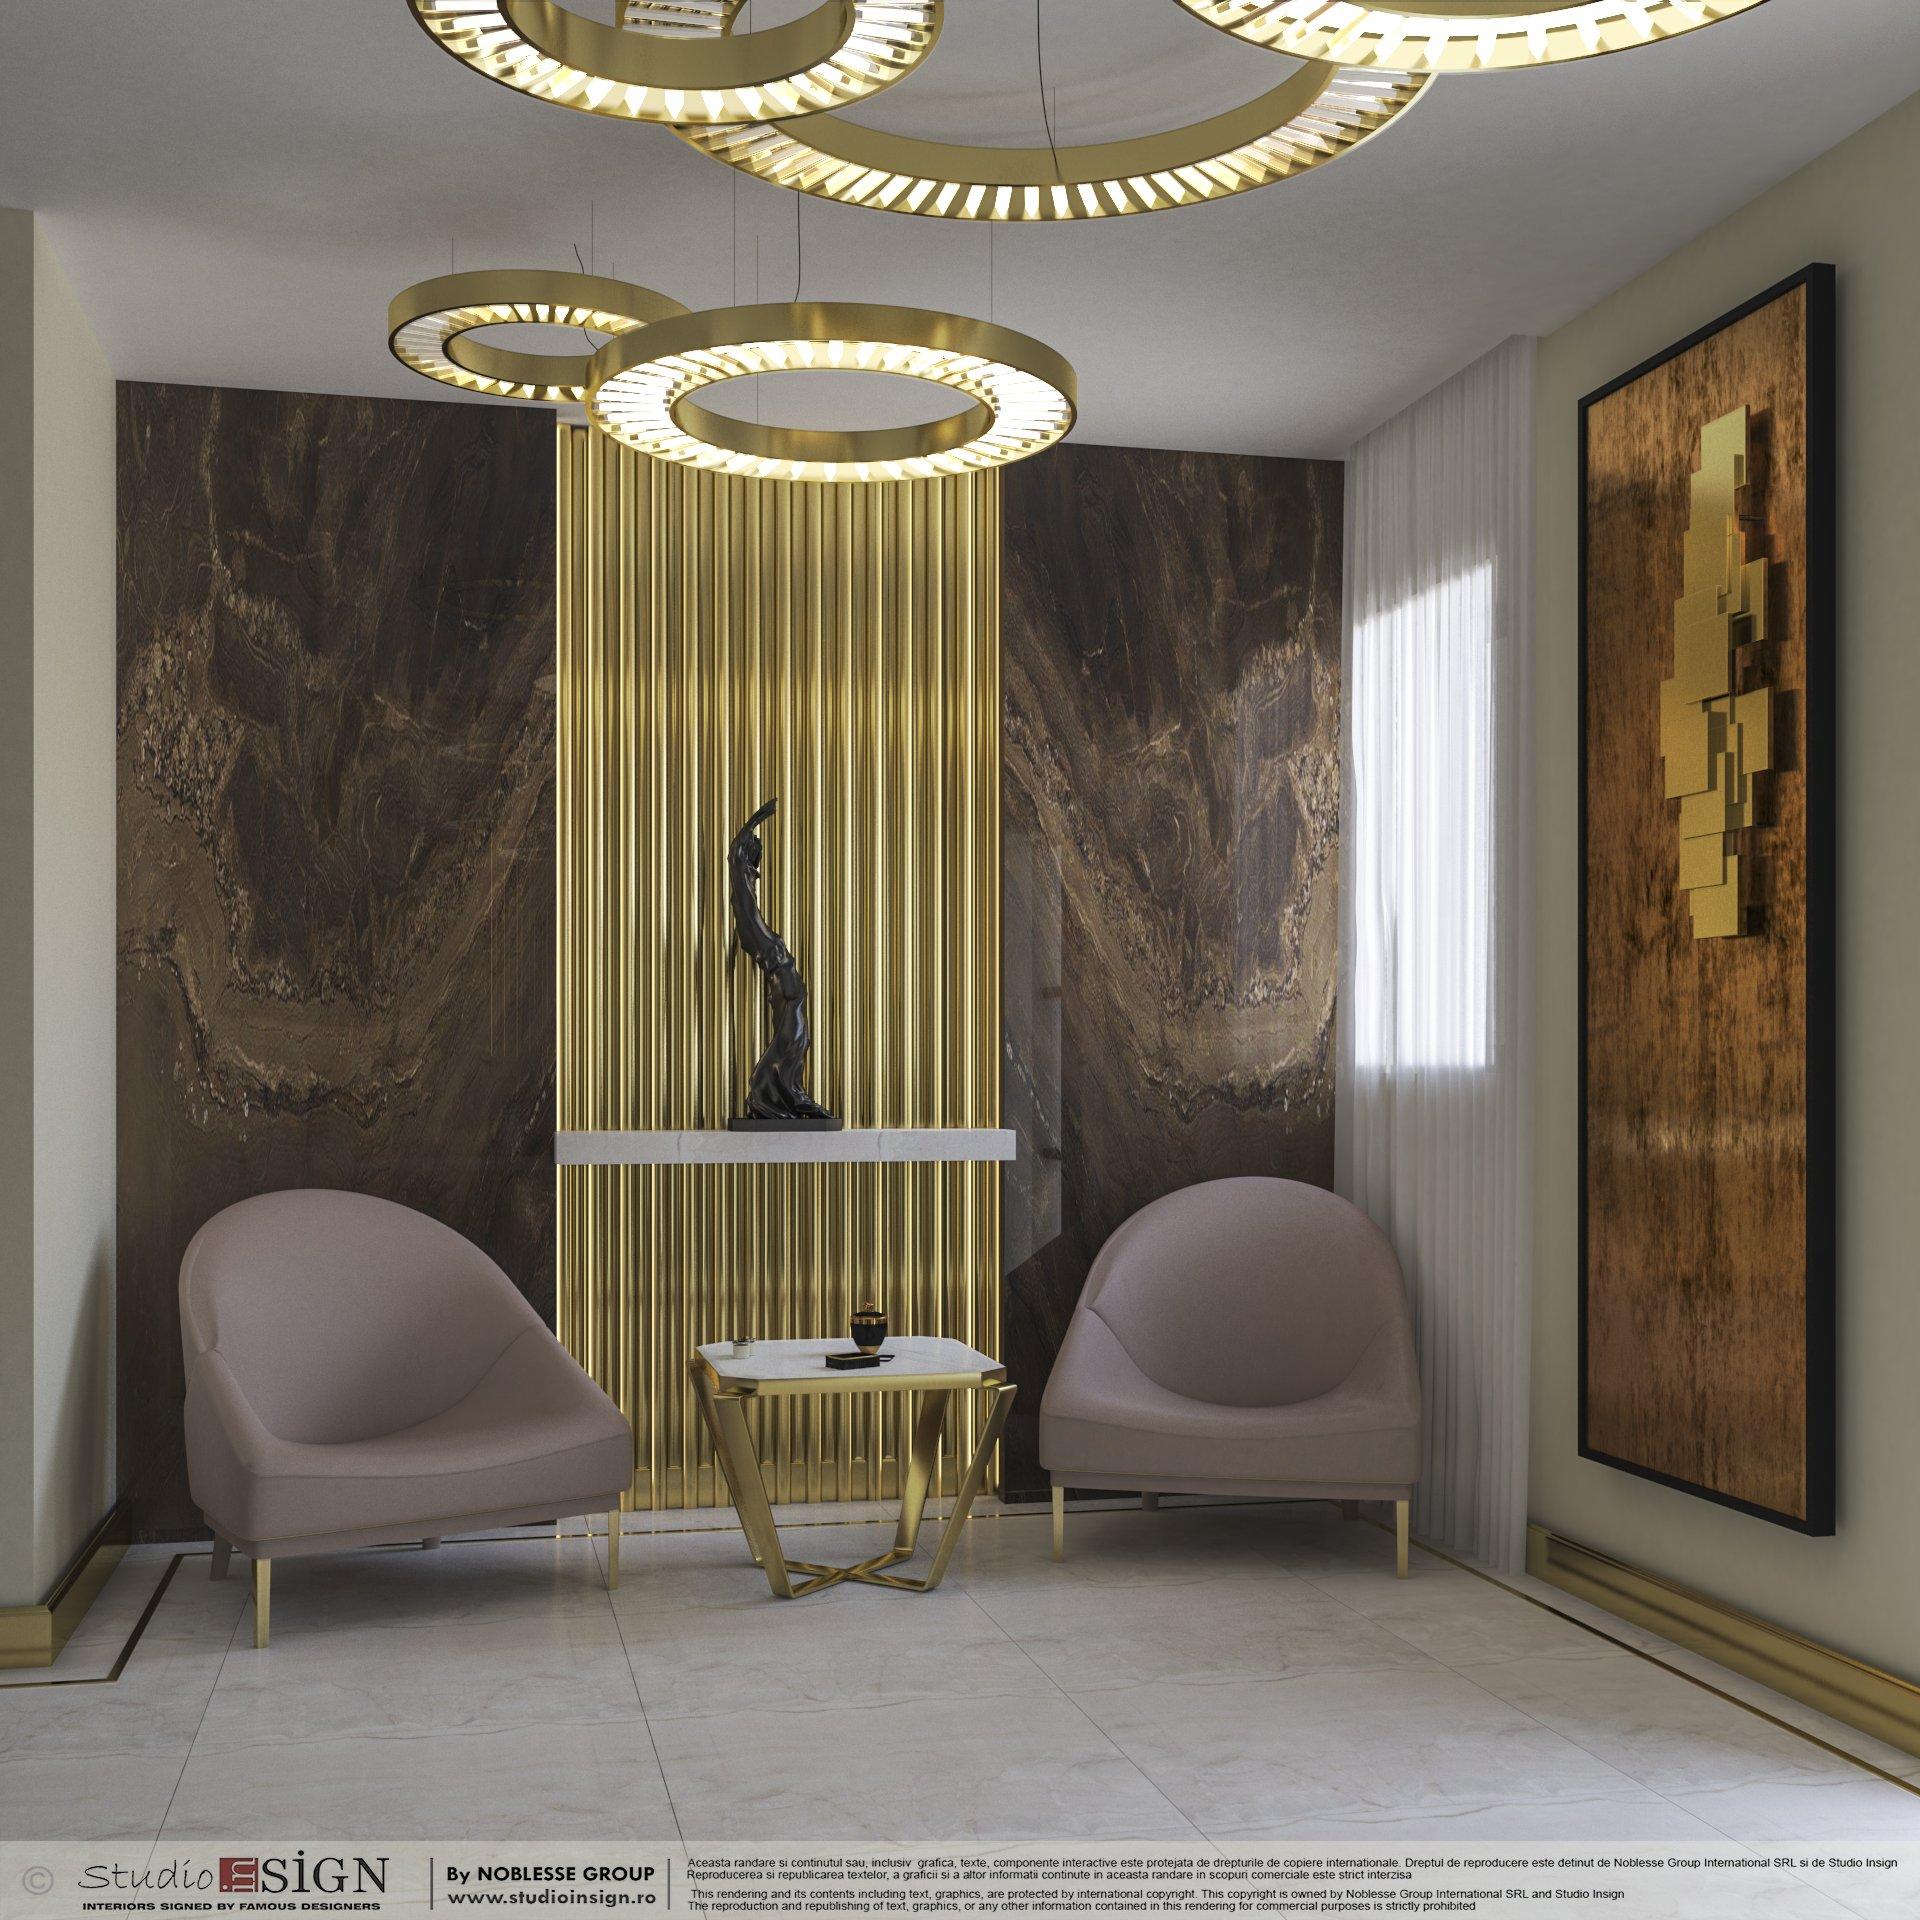 ديكور صالات مودرن باللون البيج والذهبي